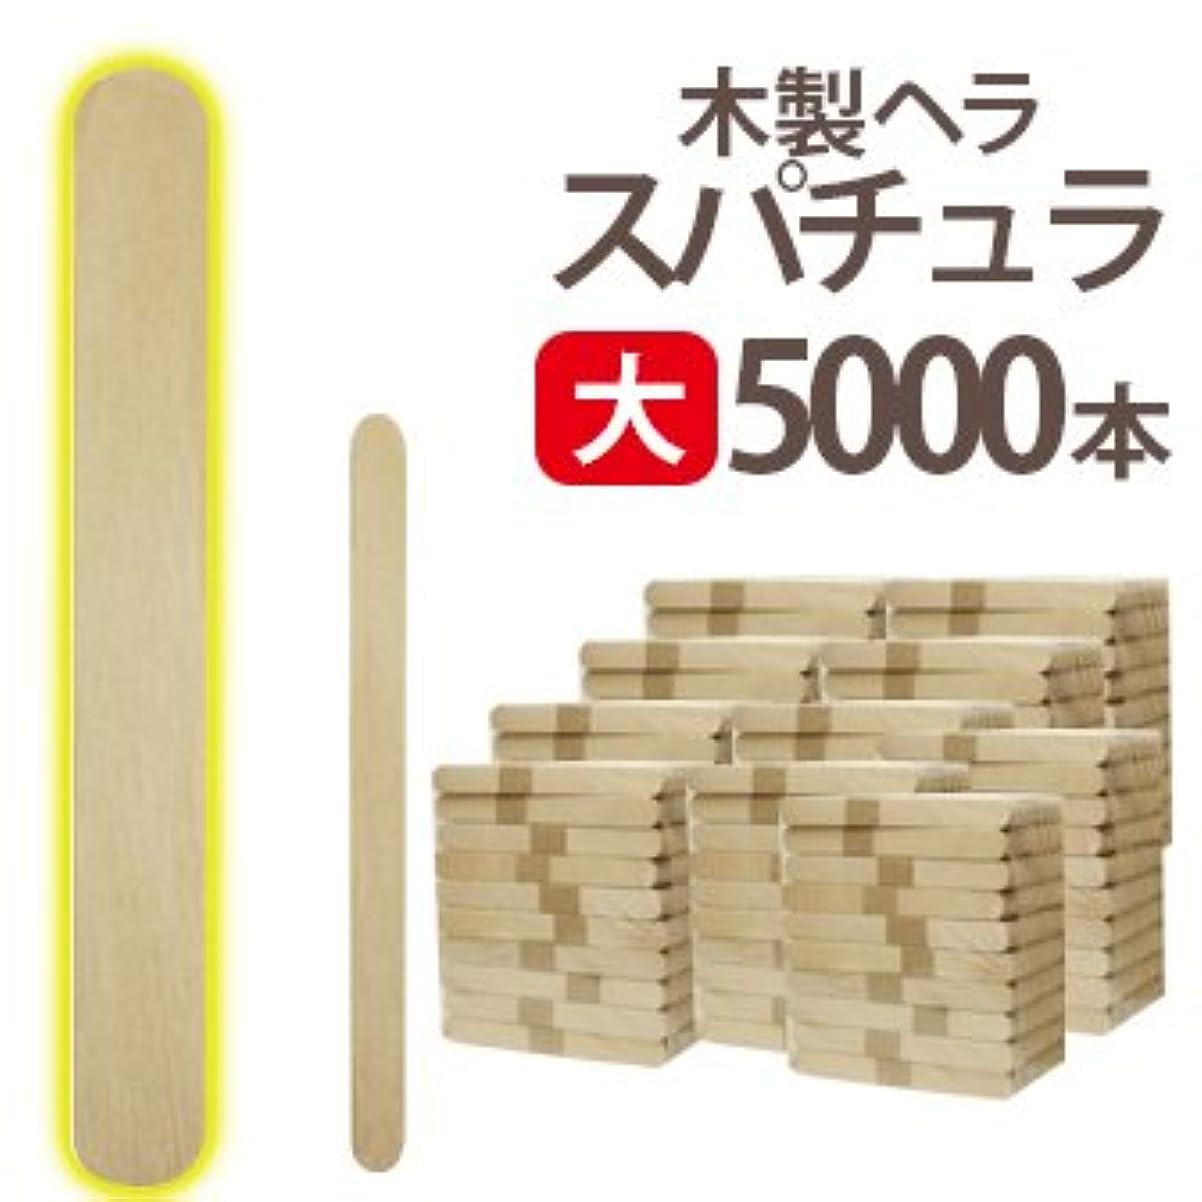 研磨コピーペグ大 ブラジリアンワックス 業務用5000本 スパチュラ Aタイプ(個別梱包なし 150×16)